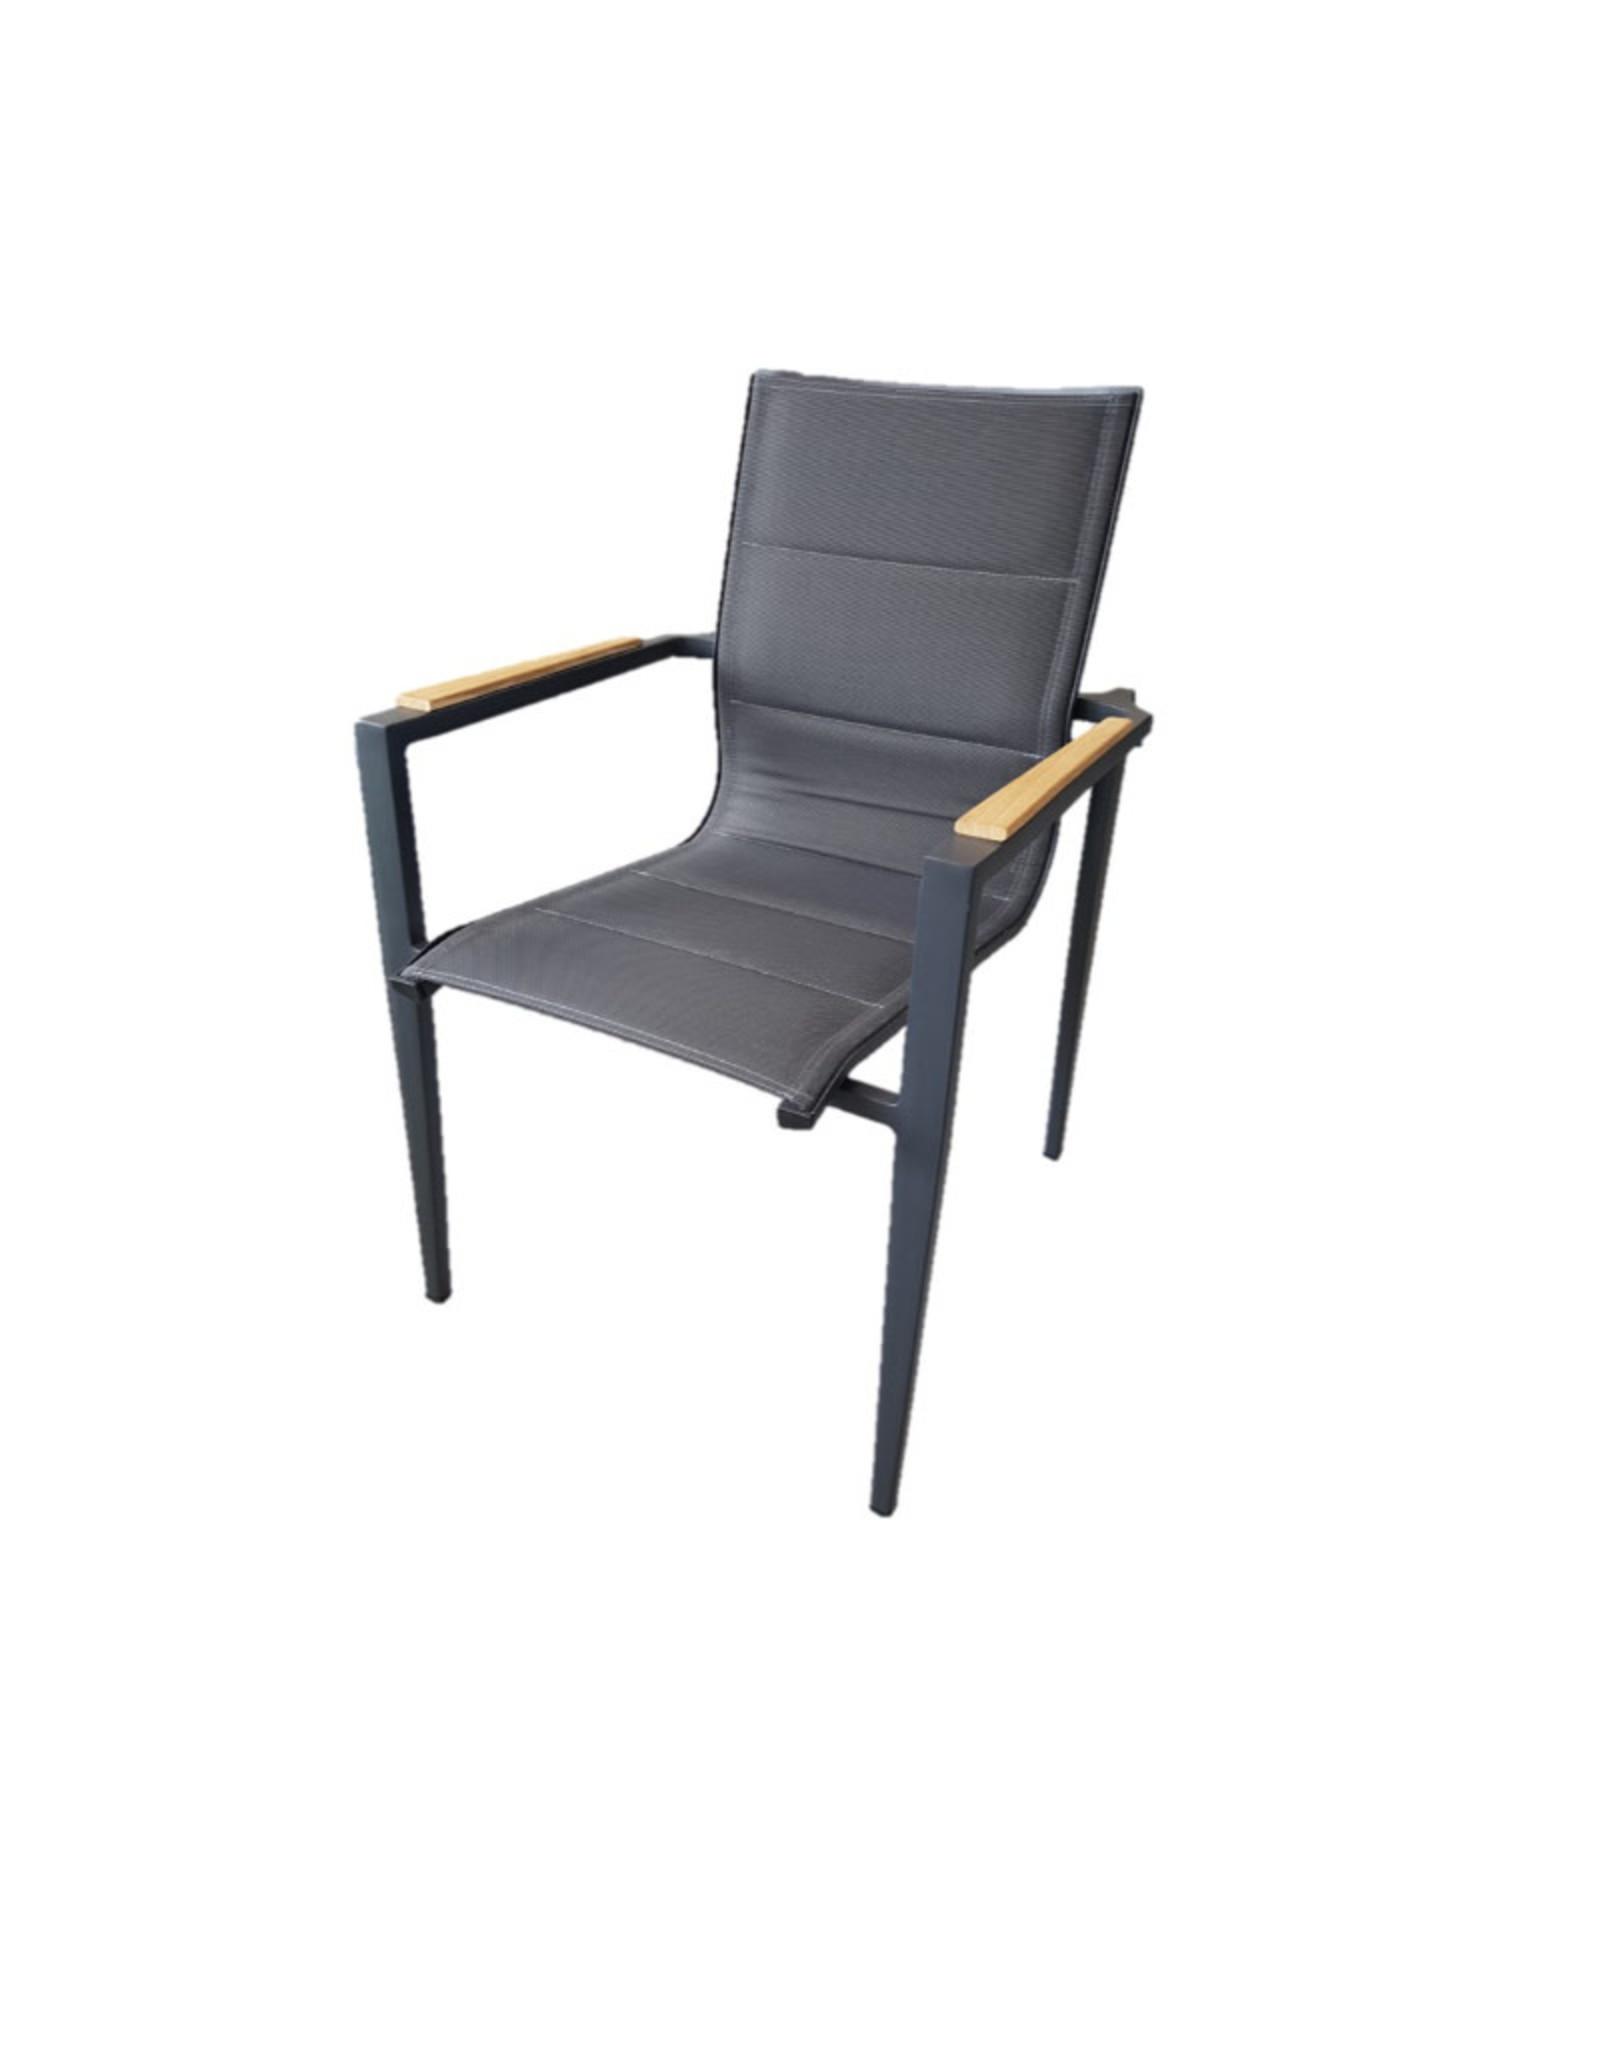 Hamilton Bay OUTDOOR Hamilton Bay OUTDOOR Aurora alu. Dining Chair antraciet +teak, dubbel textileen